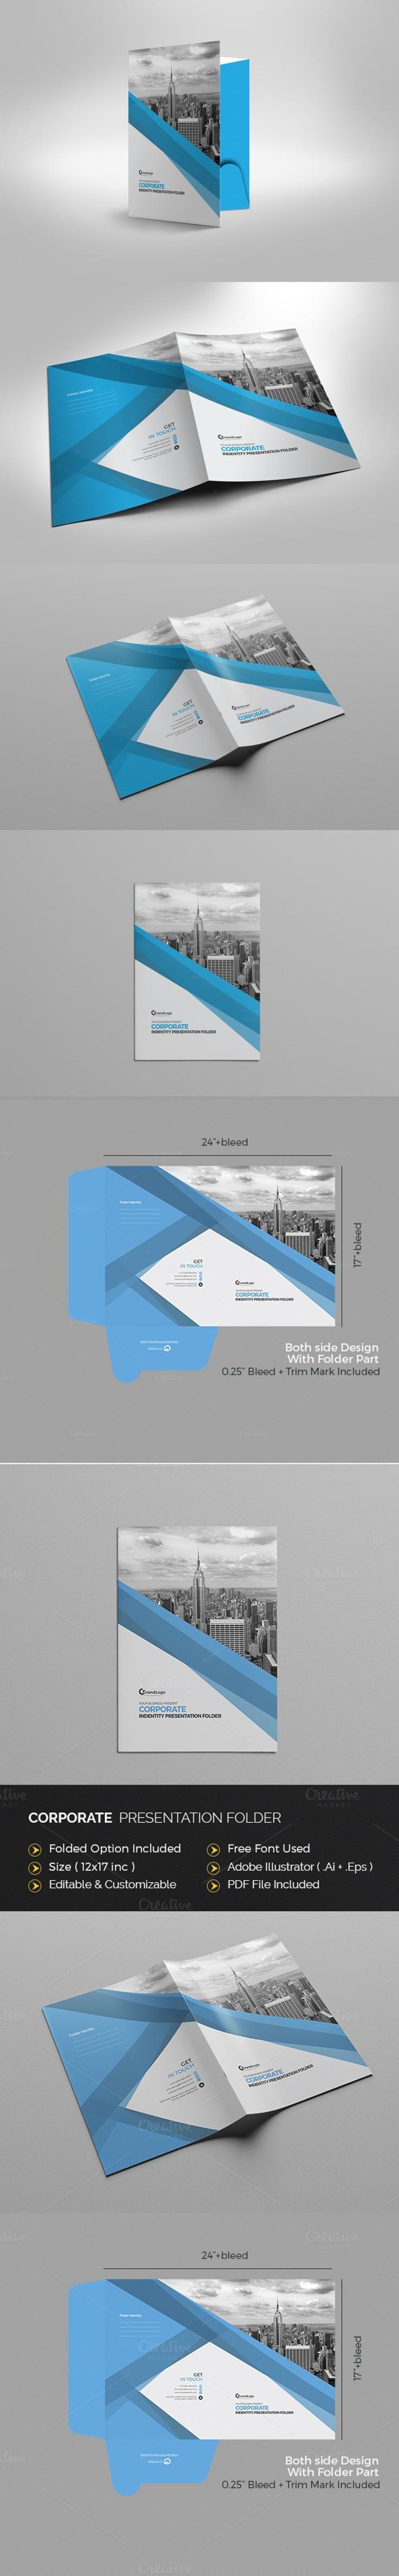 #folder #design from Cristal Pioneer | DOWNLOAD: https://creativemarket.com/Cristal_P/670156-Corporate-Presentation-Folder?u=zsoltczigler